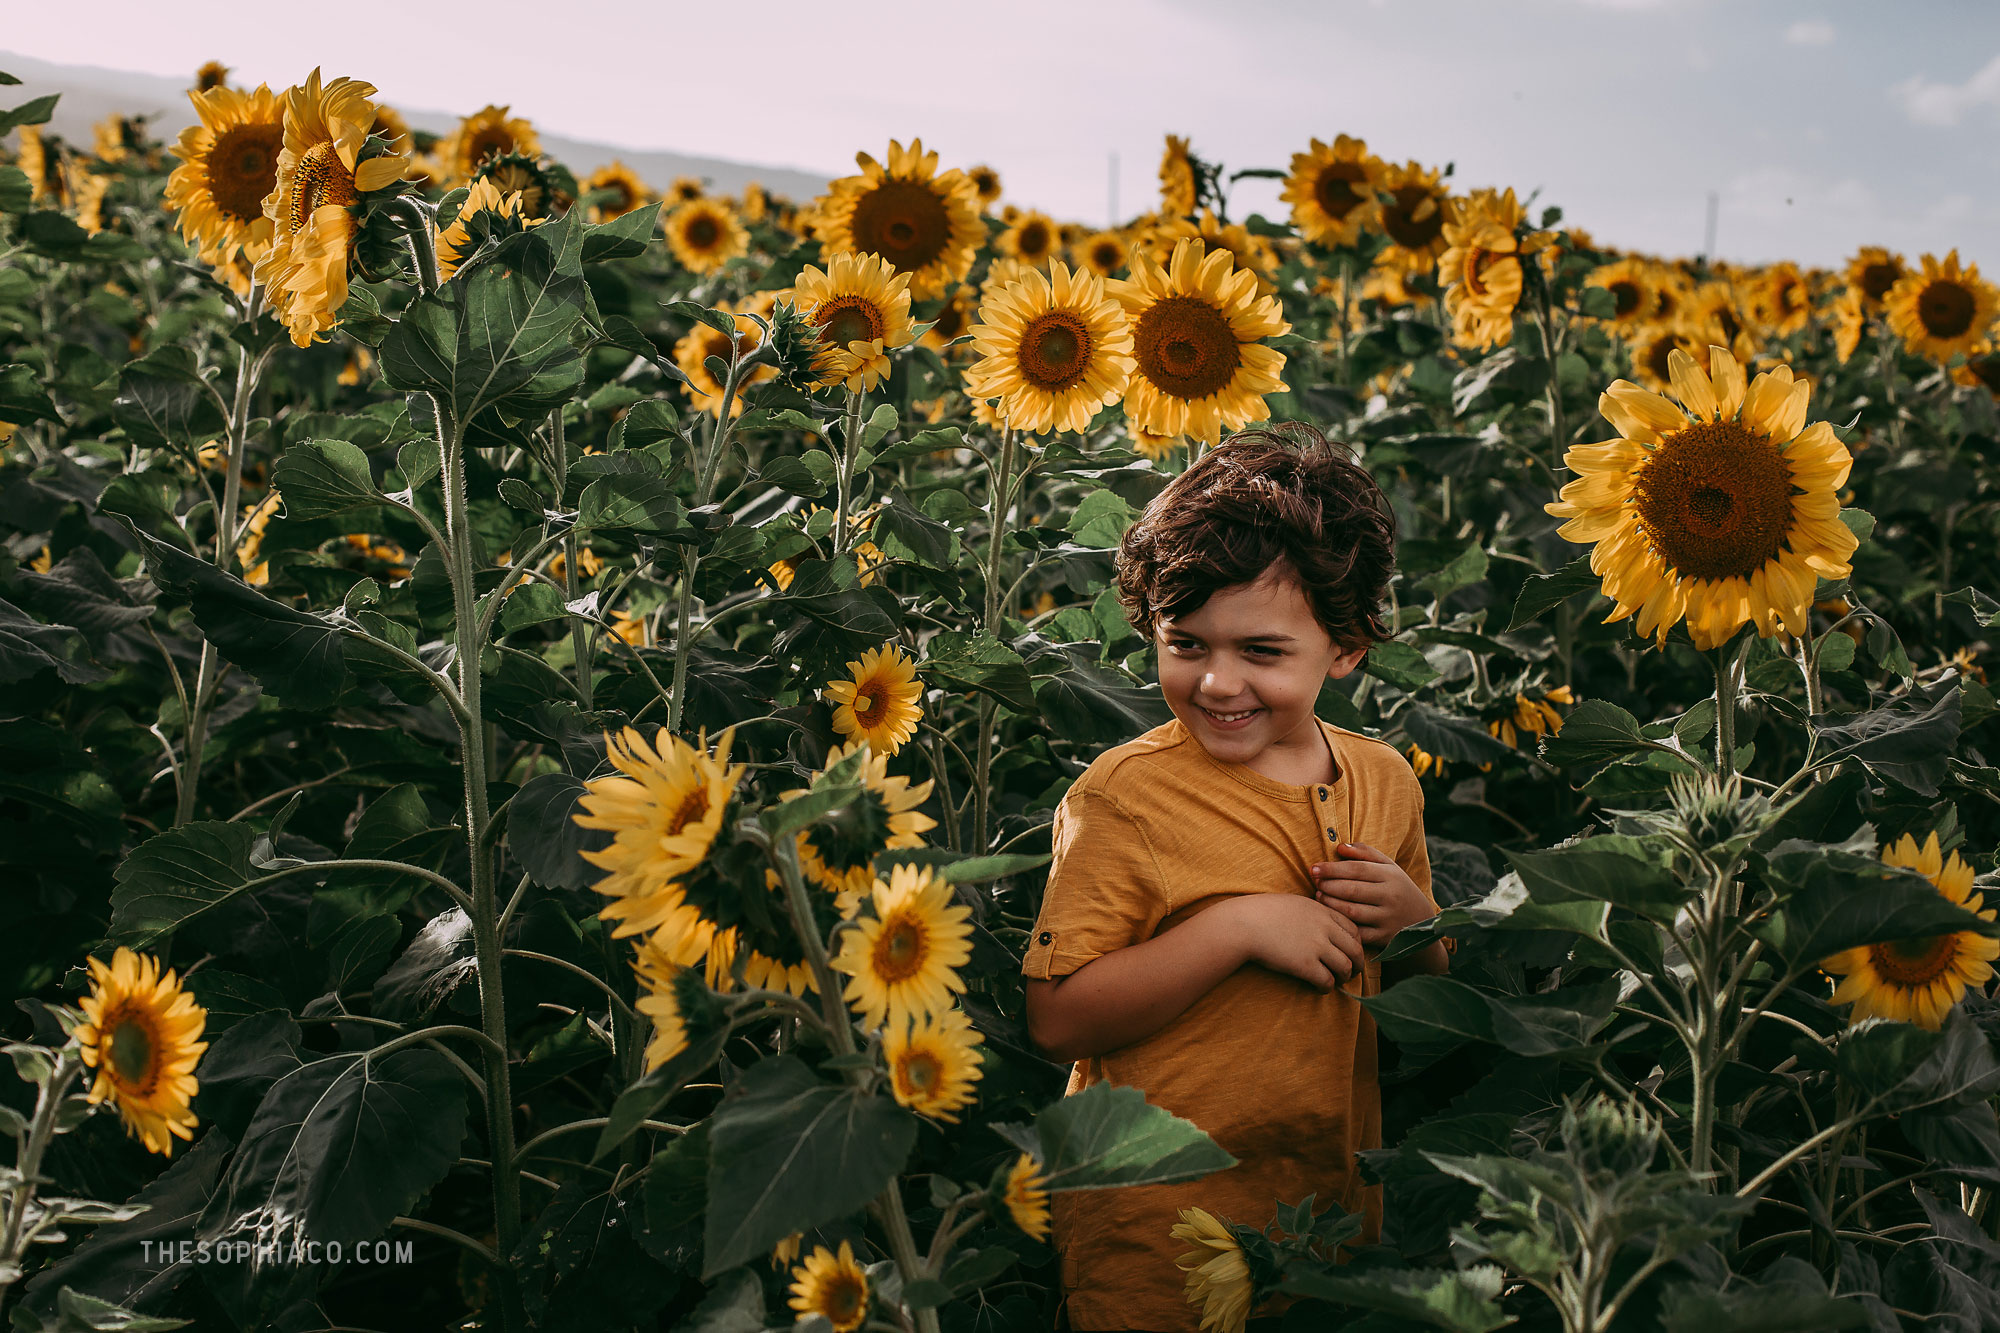 waialua-sunflowers-oahu-family-photography-08.jpg